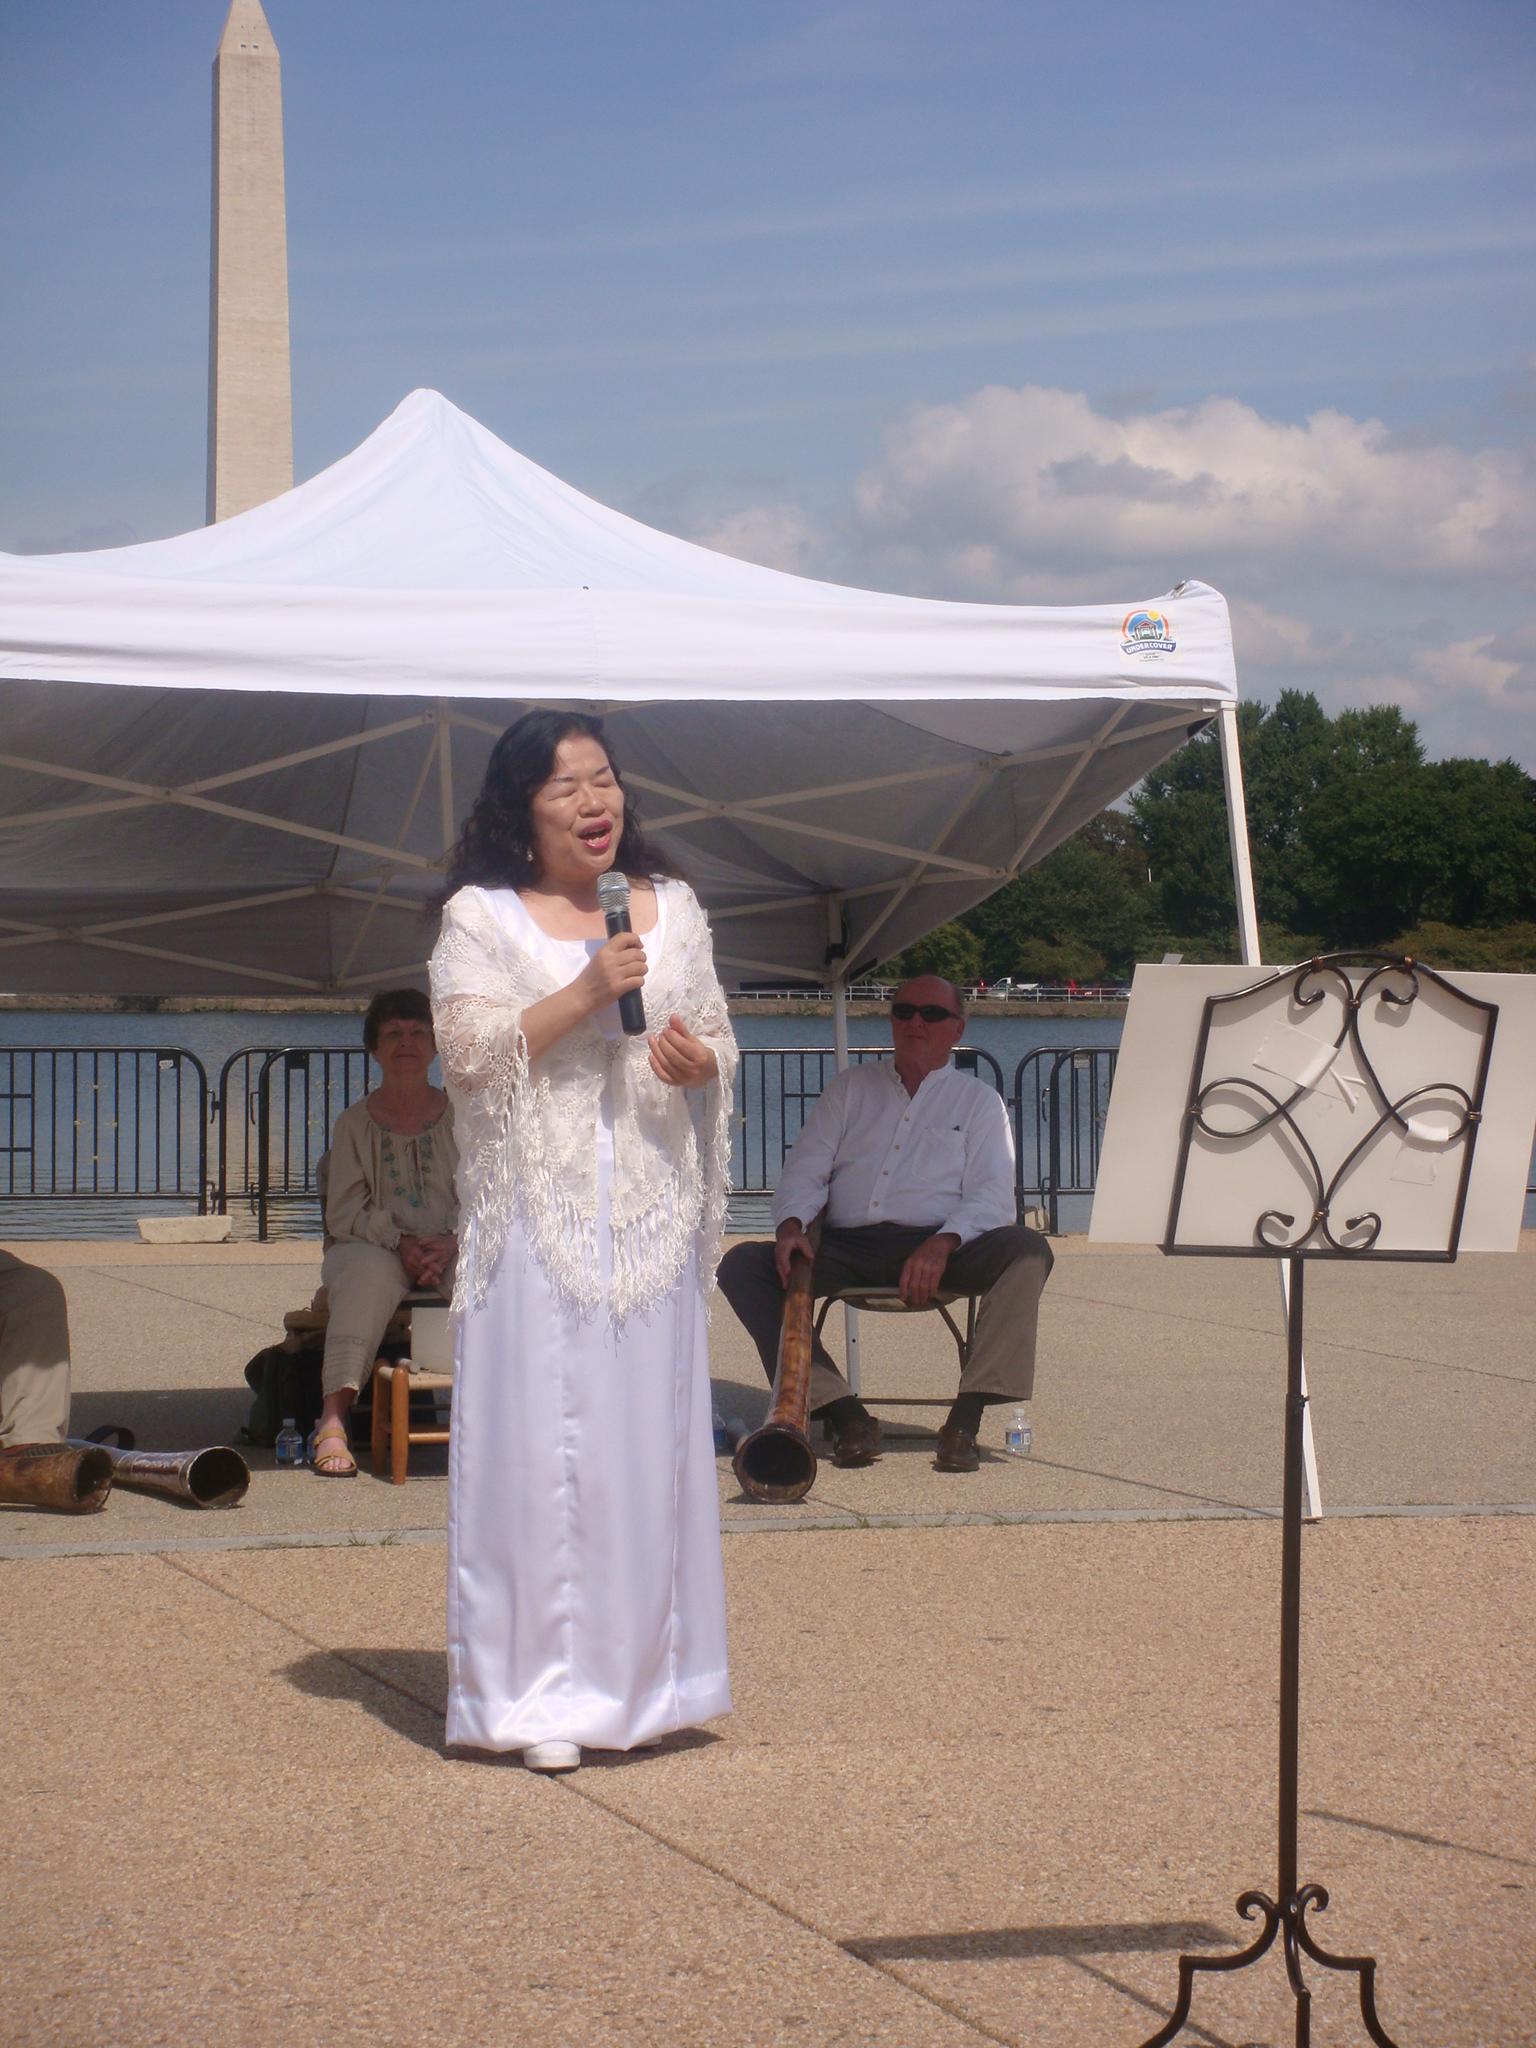 japenese lady singing